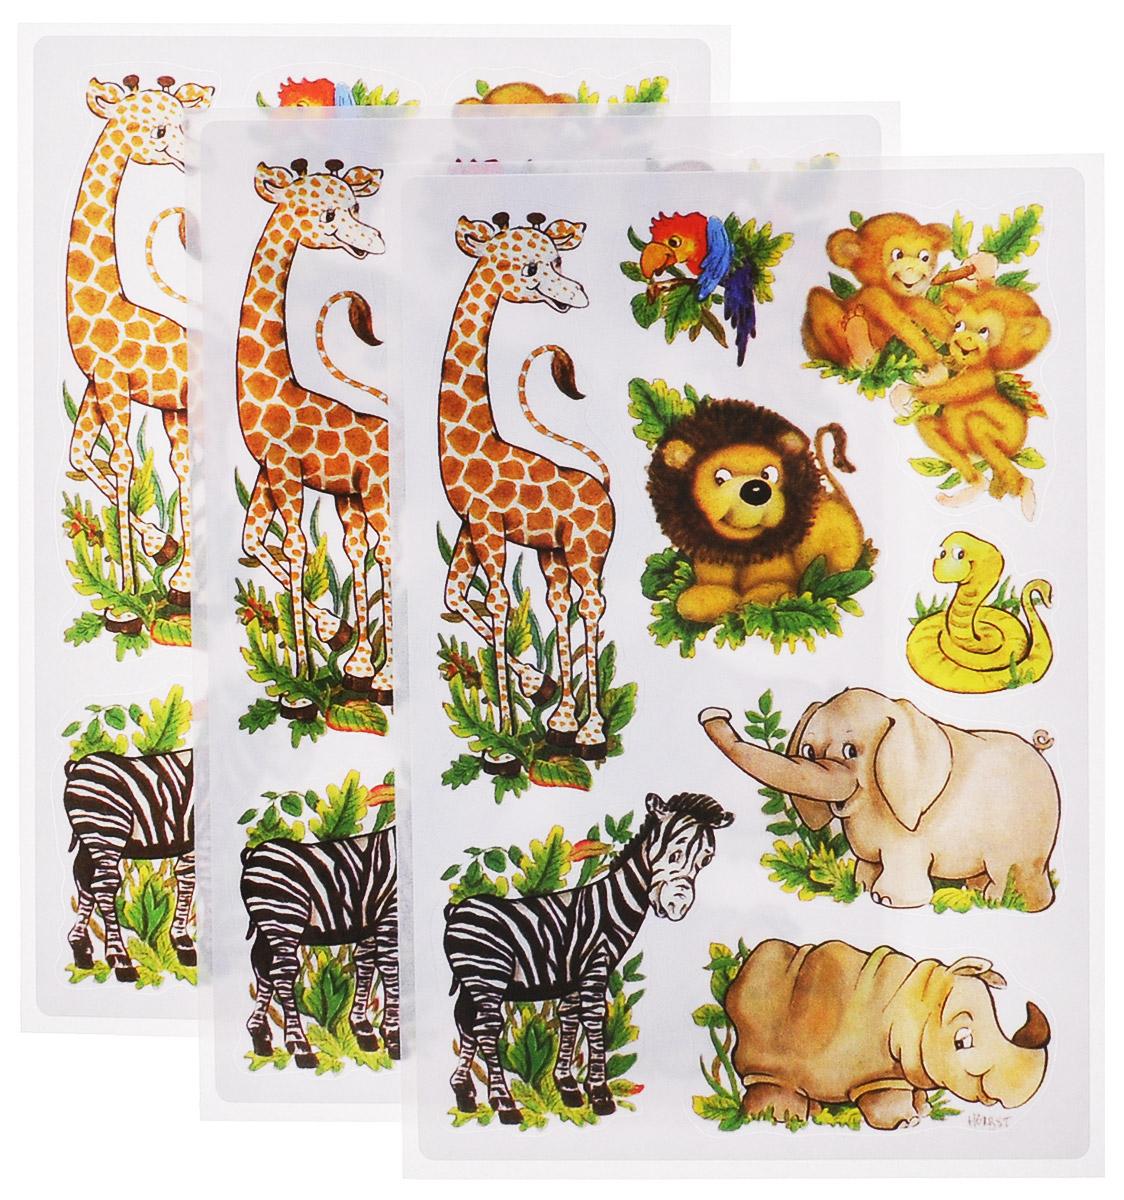 Herma Наклейки Африканские звери3793Наклейки для творчества Herma Африканские звери серии Decor на бумажной основе помогут вам украсить интерьер вашего дома и проявить индивидуальность. Самоклеющиеся элементы выполнены в виде травы и диких животных. В комплекте 3 листа.